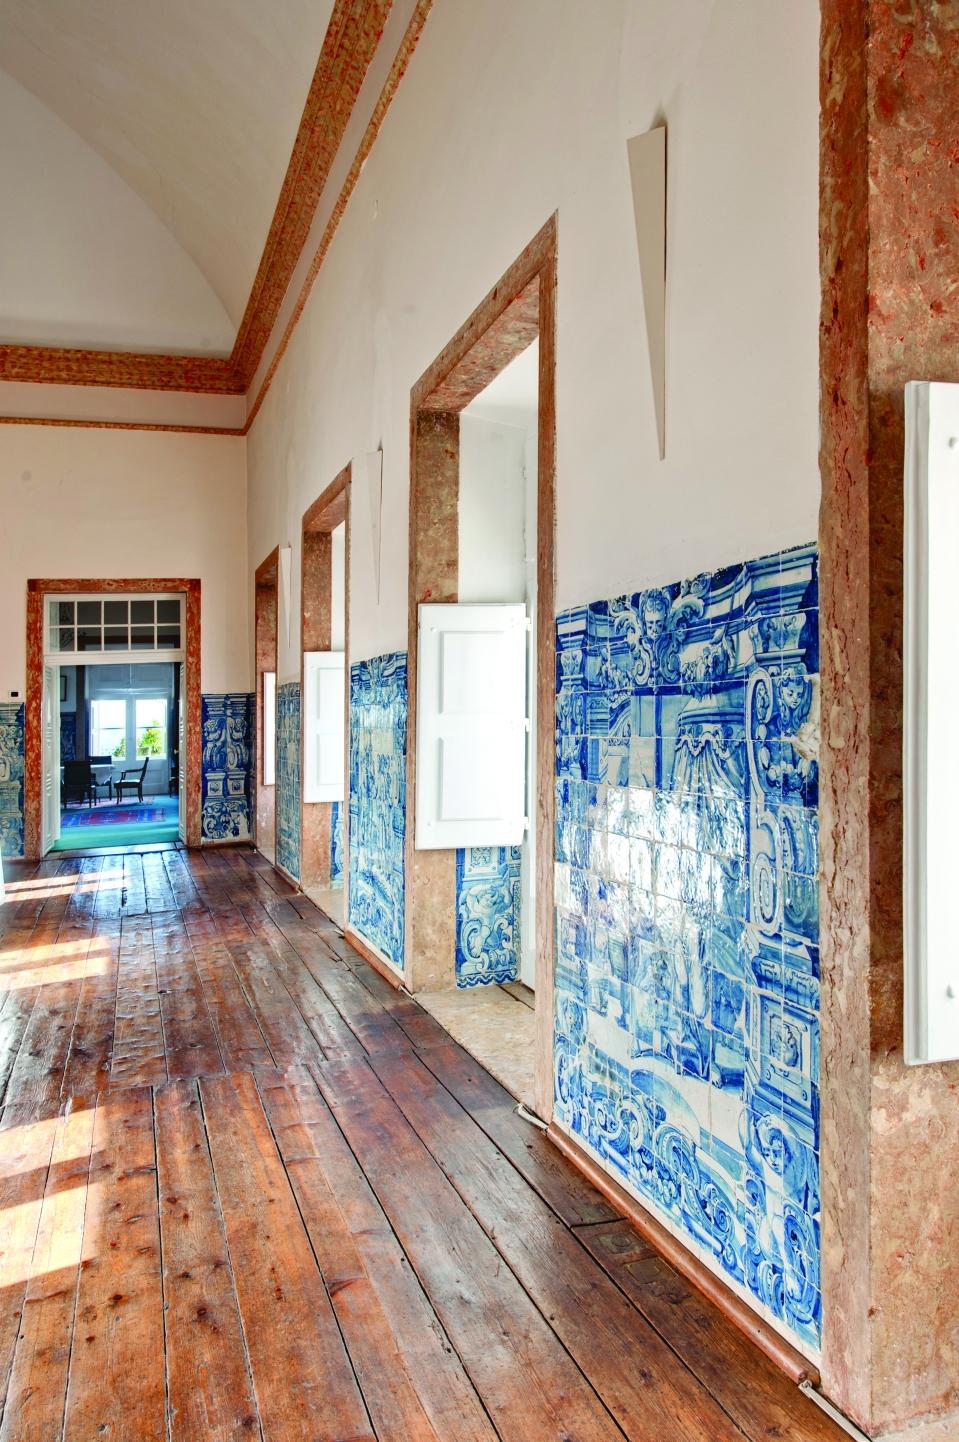 View to the Amadeo de Souza Cardoso suite from the Maria Ursula ballroom © Joe Condron